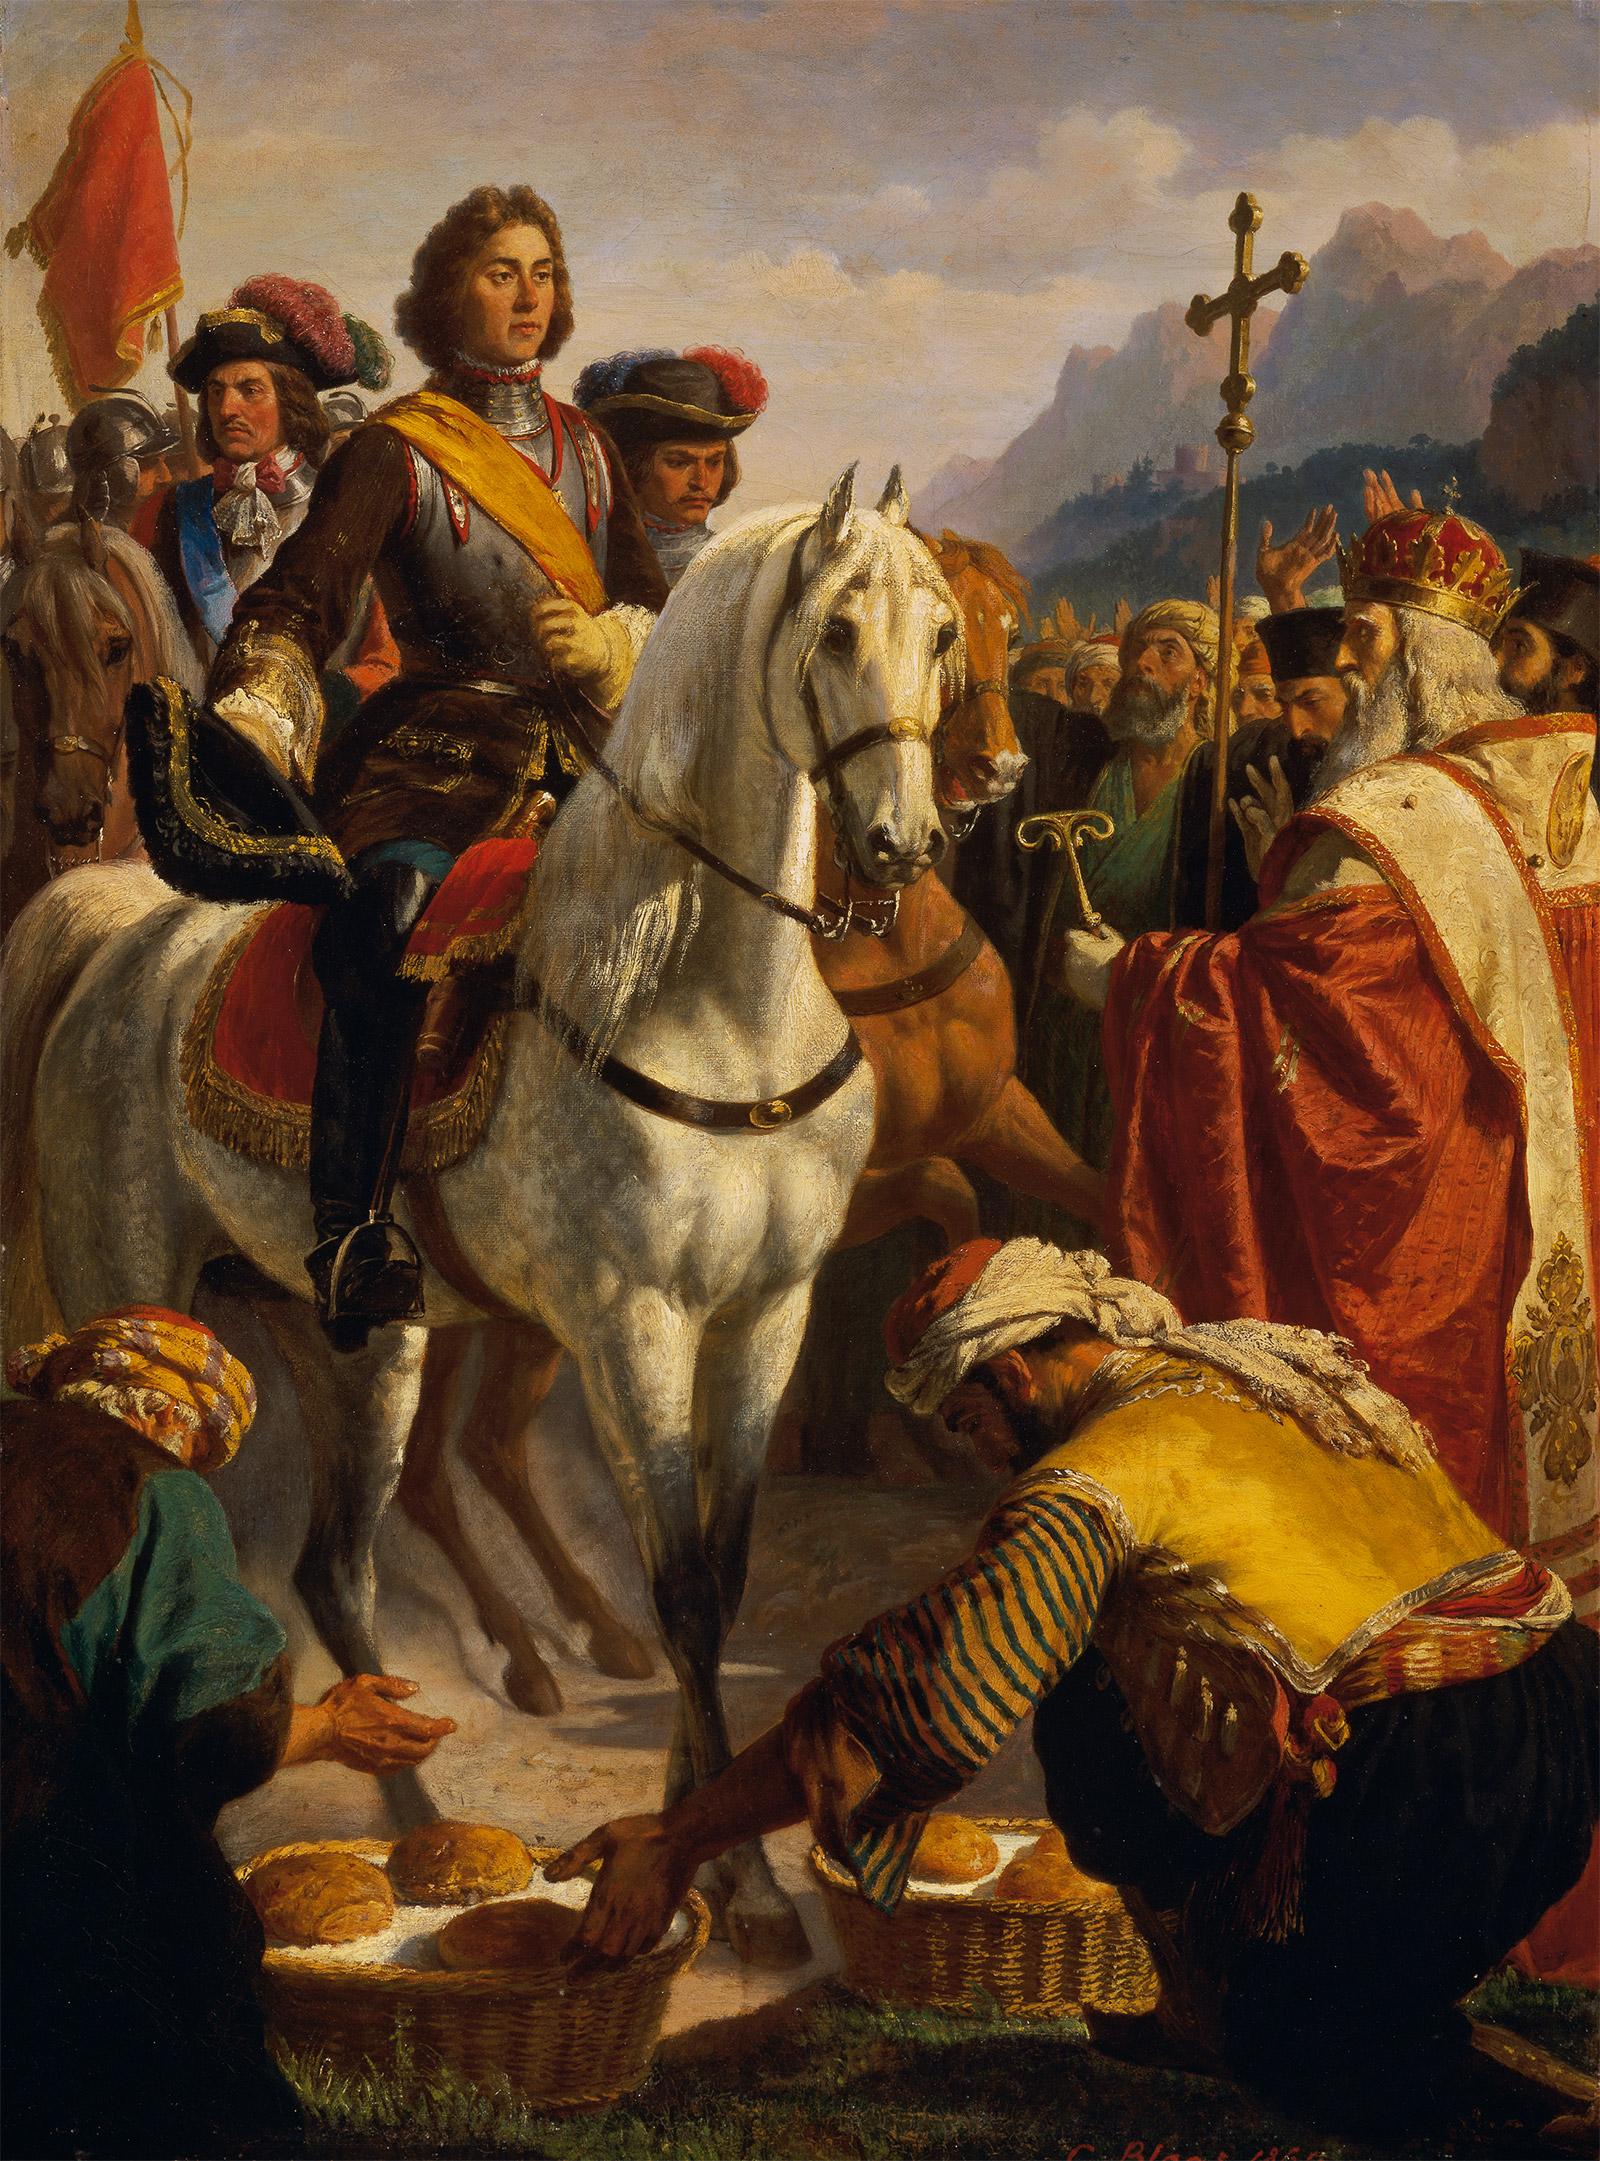 Le Prince Eugène libérant la Bosnie, tableau de Karl von Blaas, Kunsthistorisches Museum, Vienna.